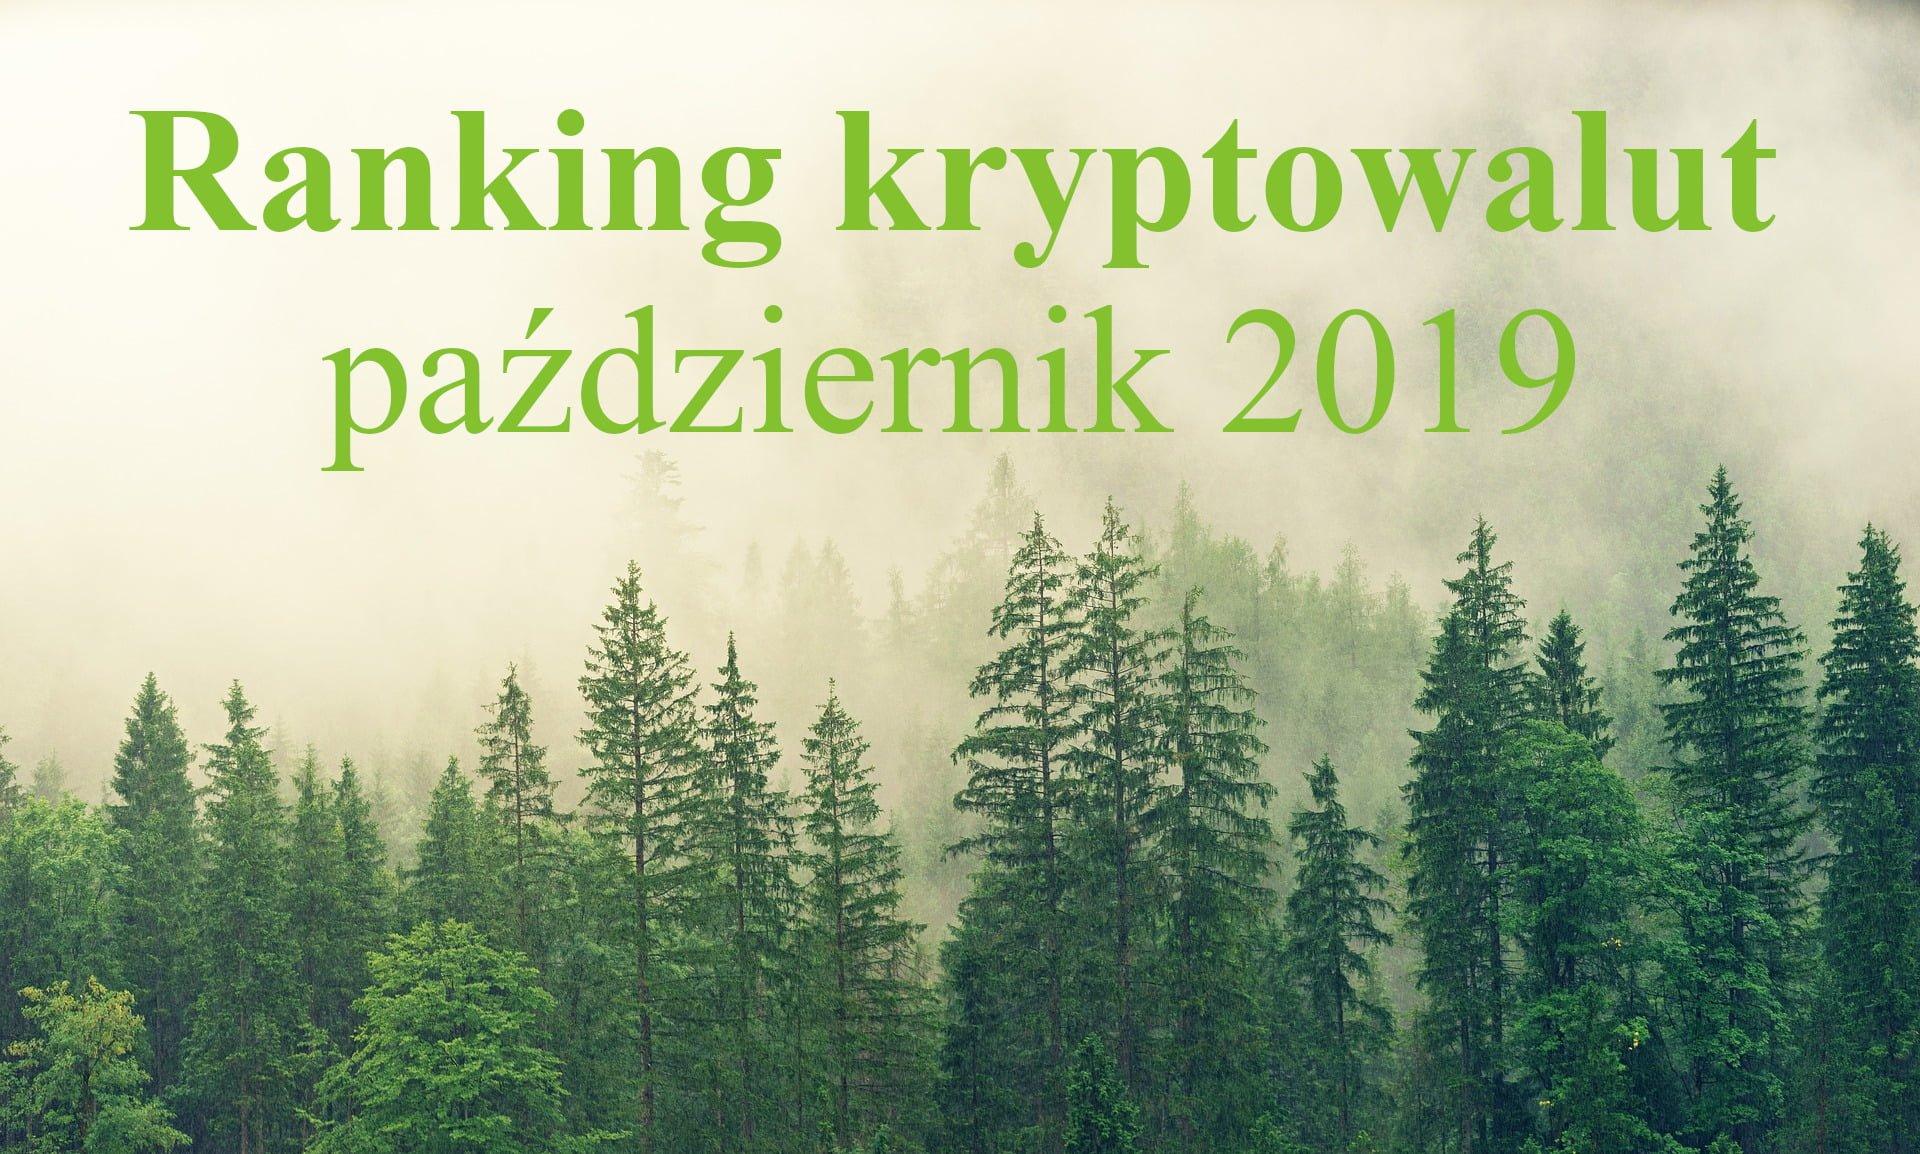 ranking krypto pazdziernik 2019